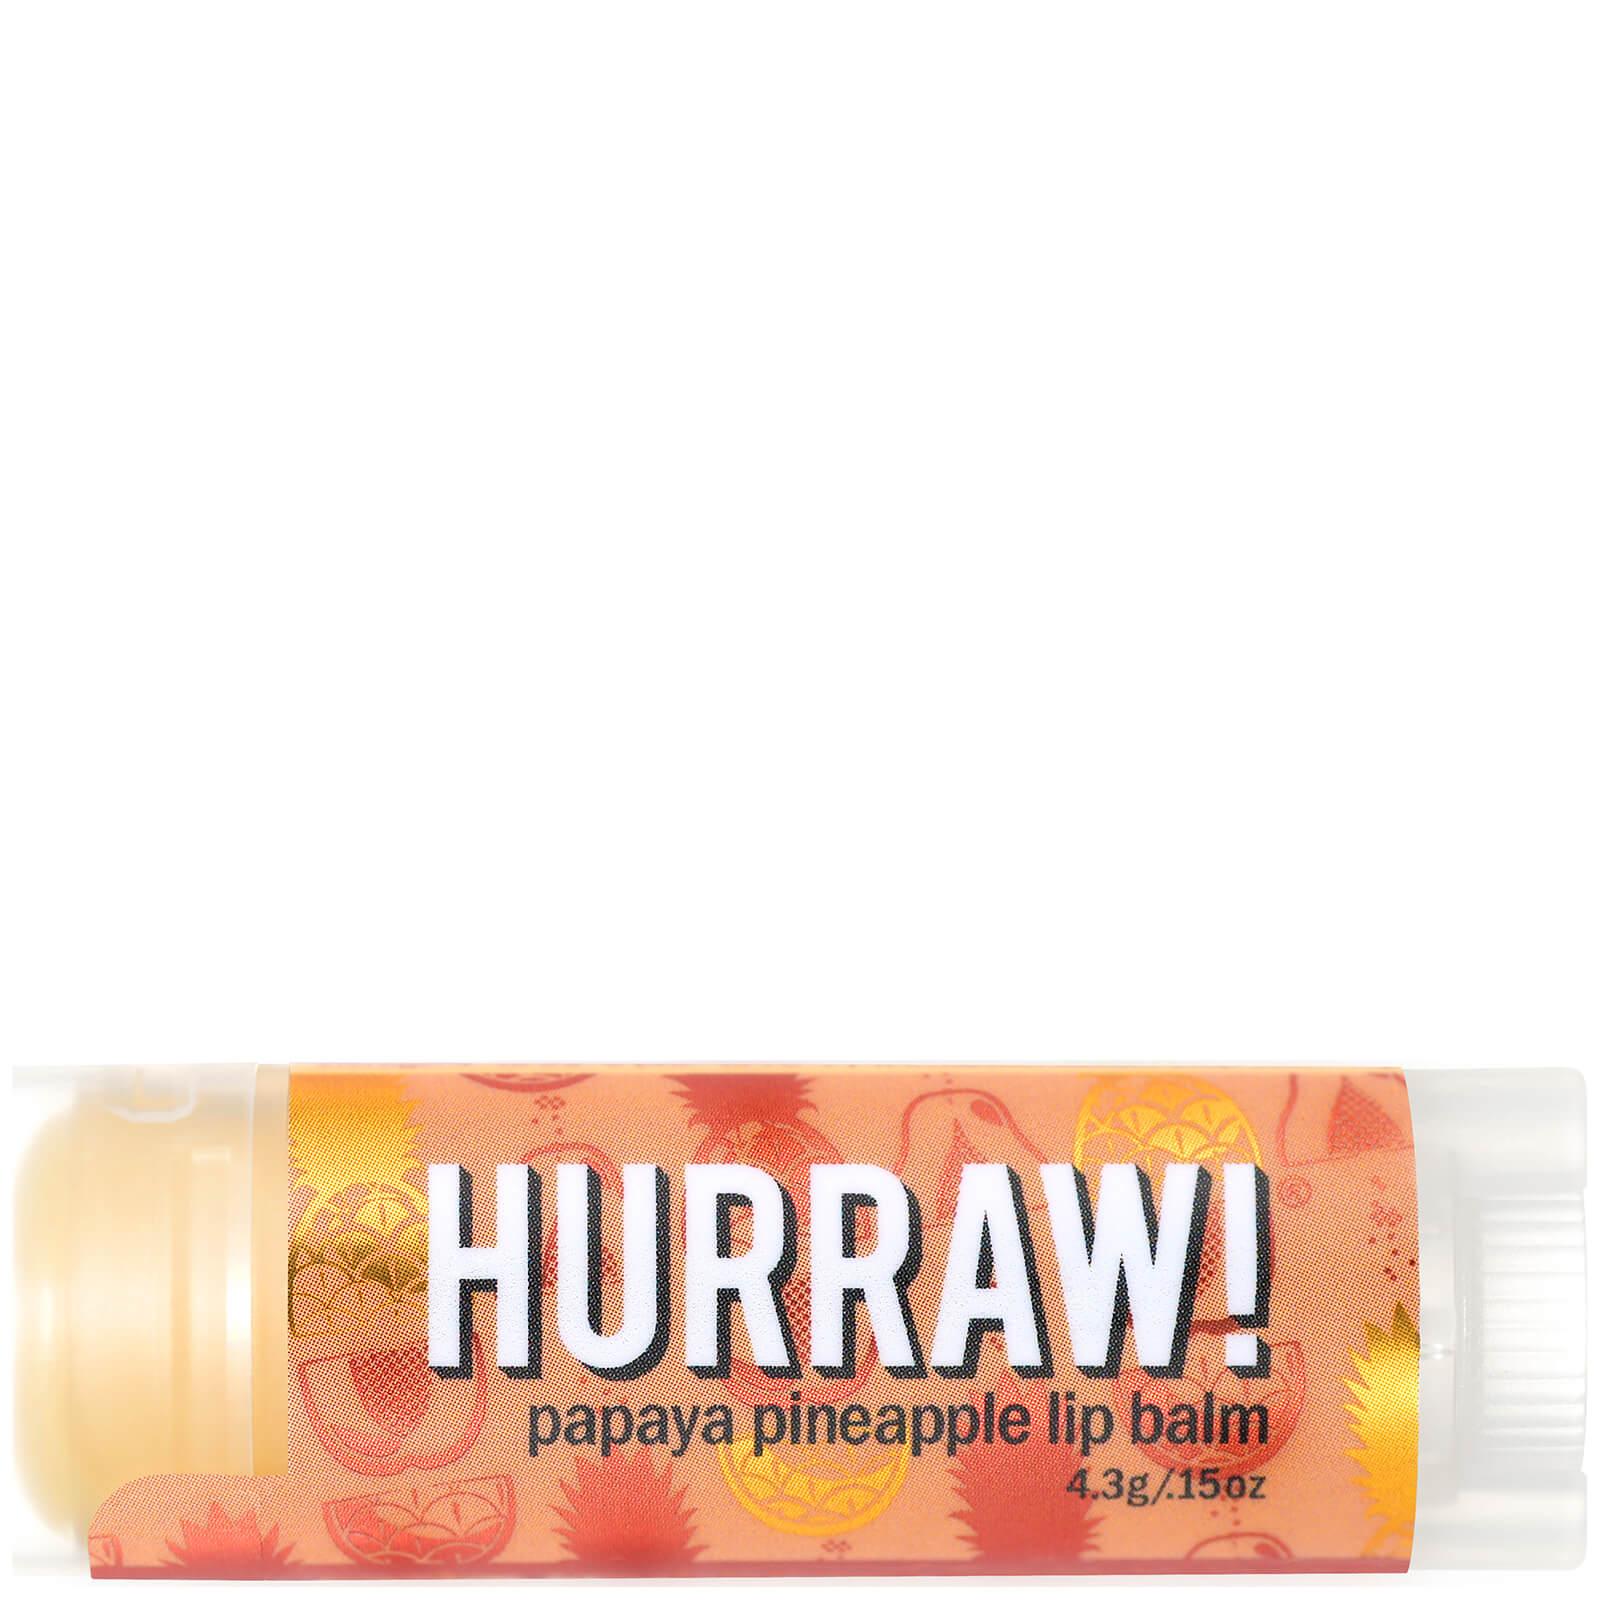 Купить Бальзам для губ с ароматом папайи и ананаса Hurraw! Papaya Pineapple Lip Balm